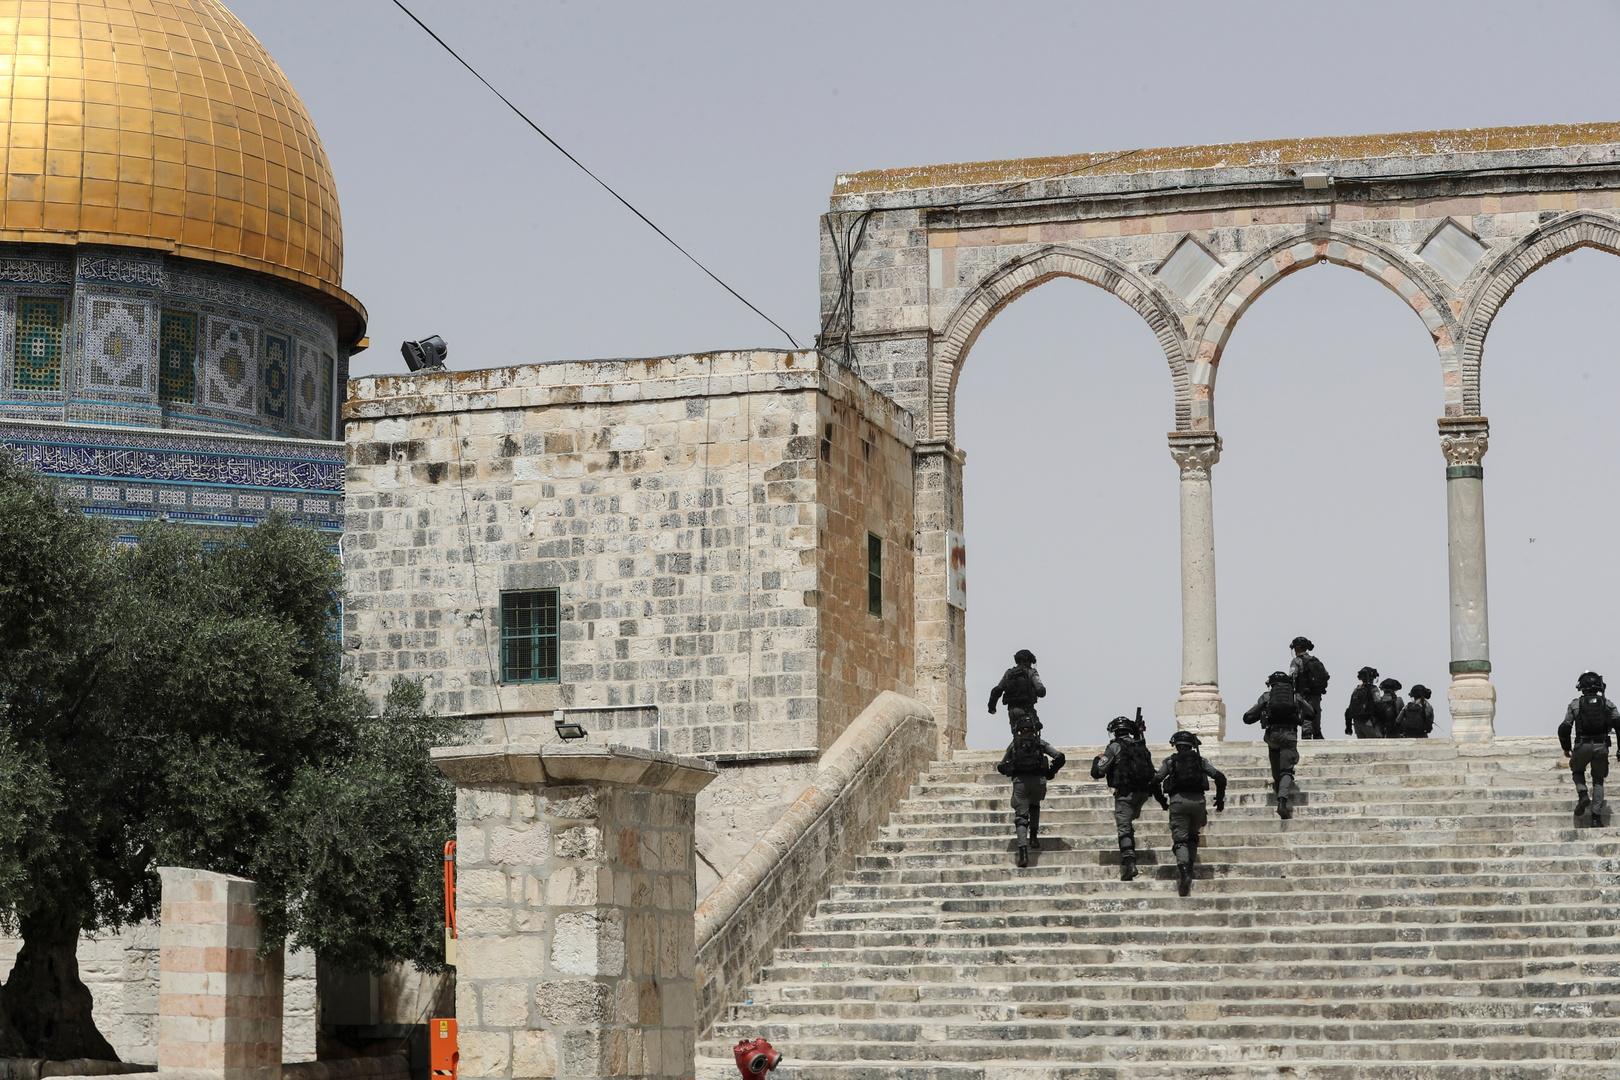 الشرطة الإسرائيلية تقتل فلسطينيا في البلدة القديمة بالقدس بعد محاولته تنفيذ عملية طعن